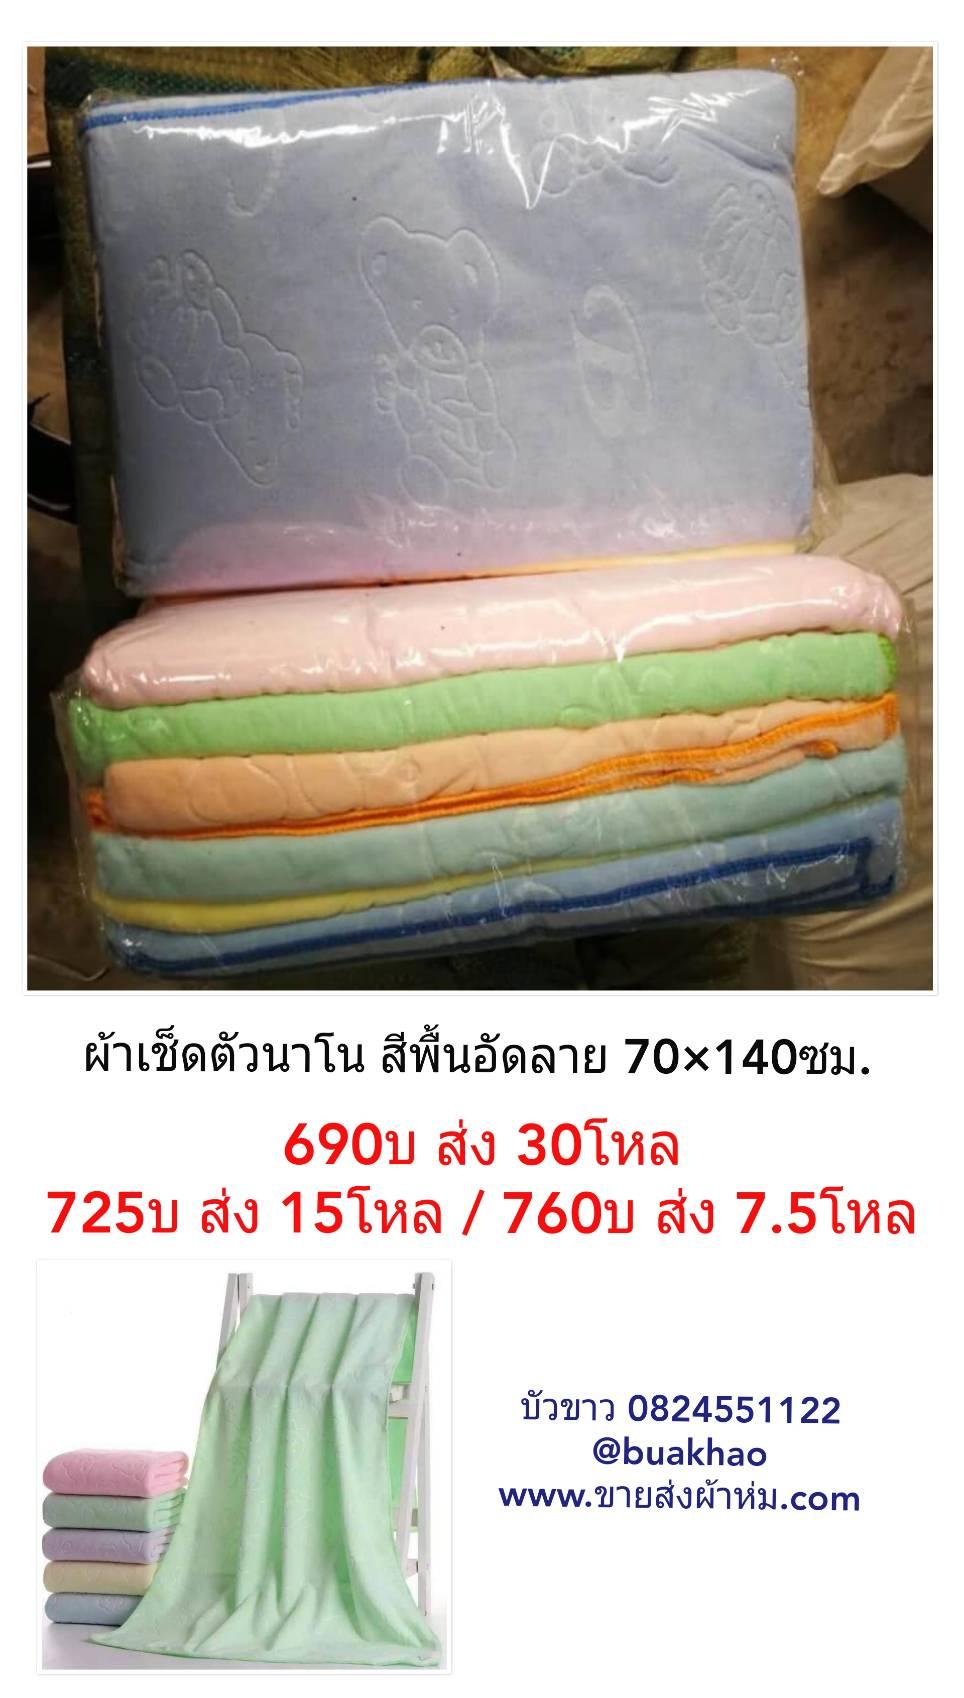 ผ้าเช็ดตัวนาโน สีพื้น อัดลาย 70*140ซม. โหลละ 725บ ส่ง 15โหล